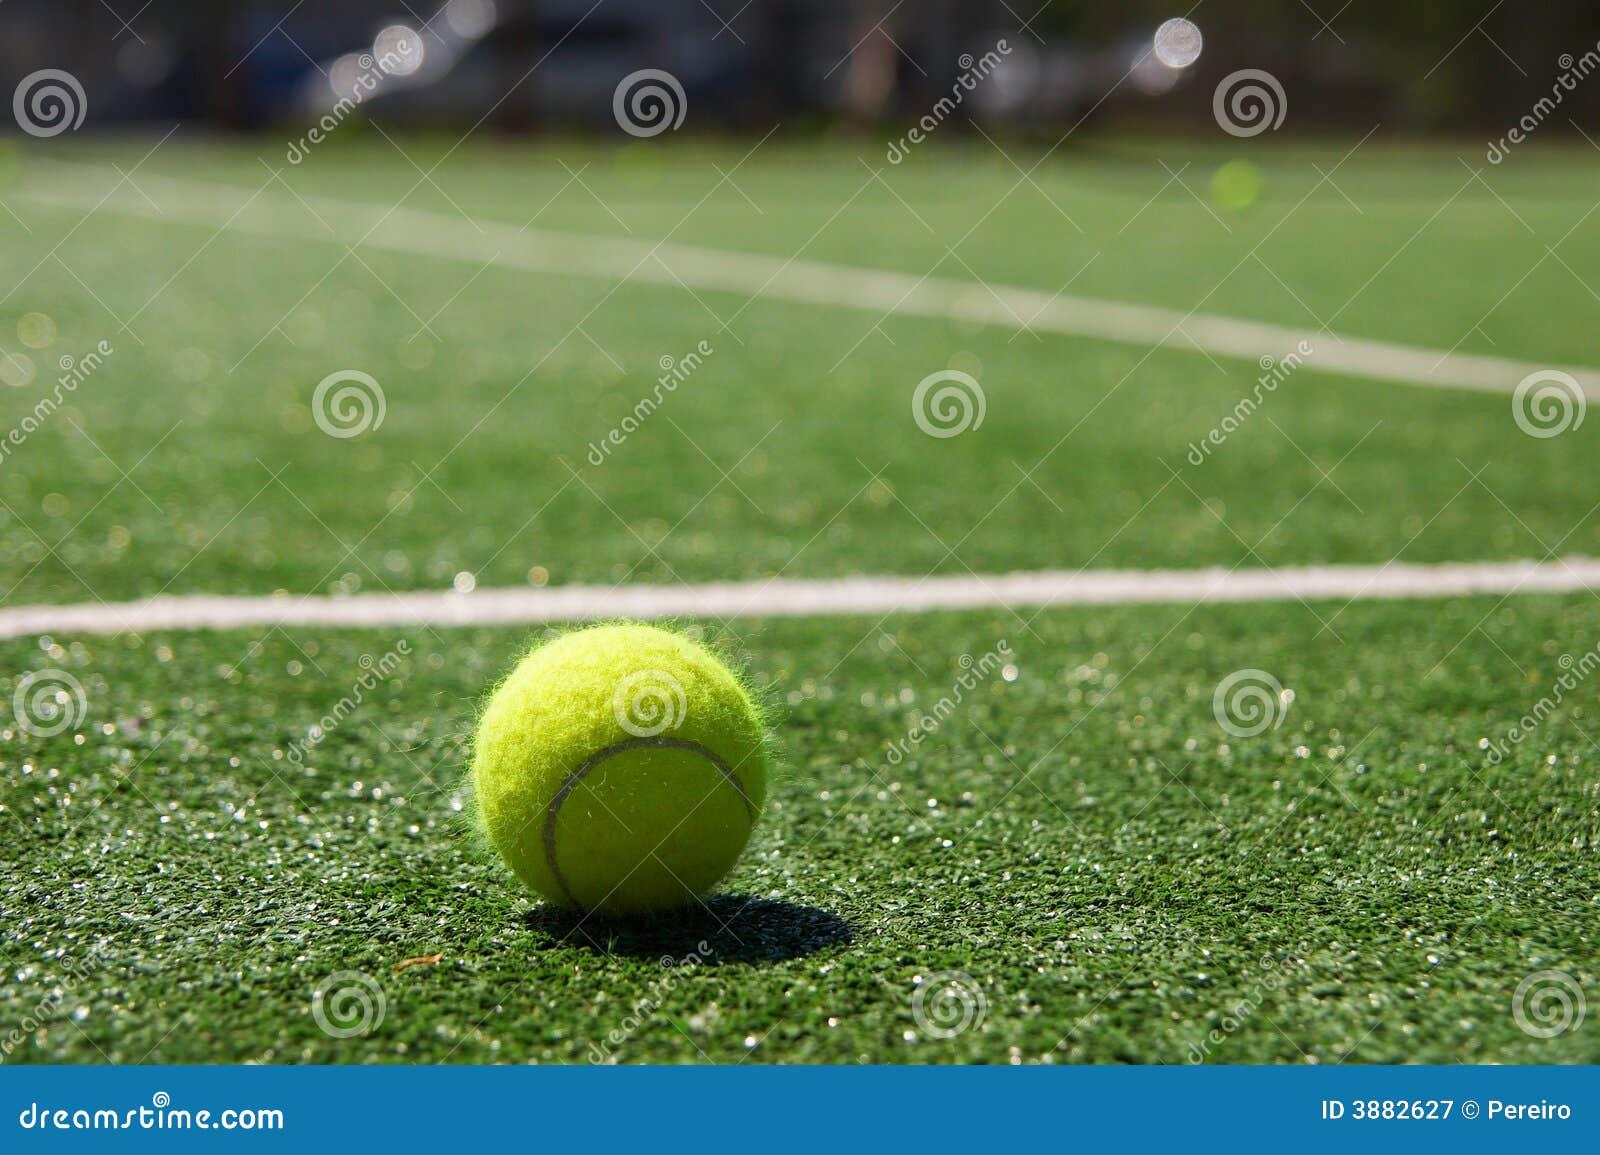 Sfera di tennis su una corte